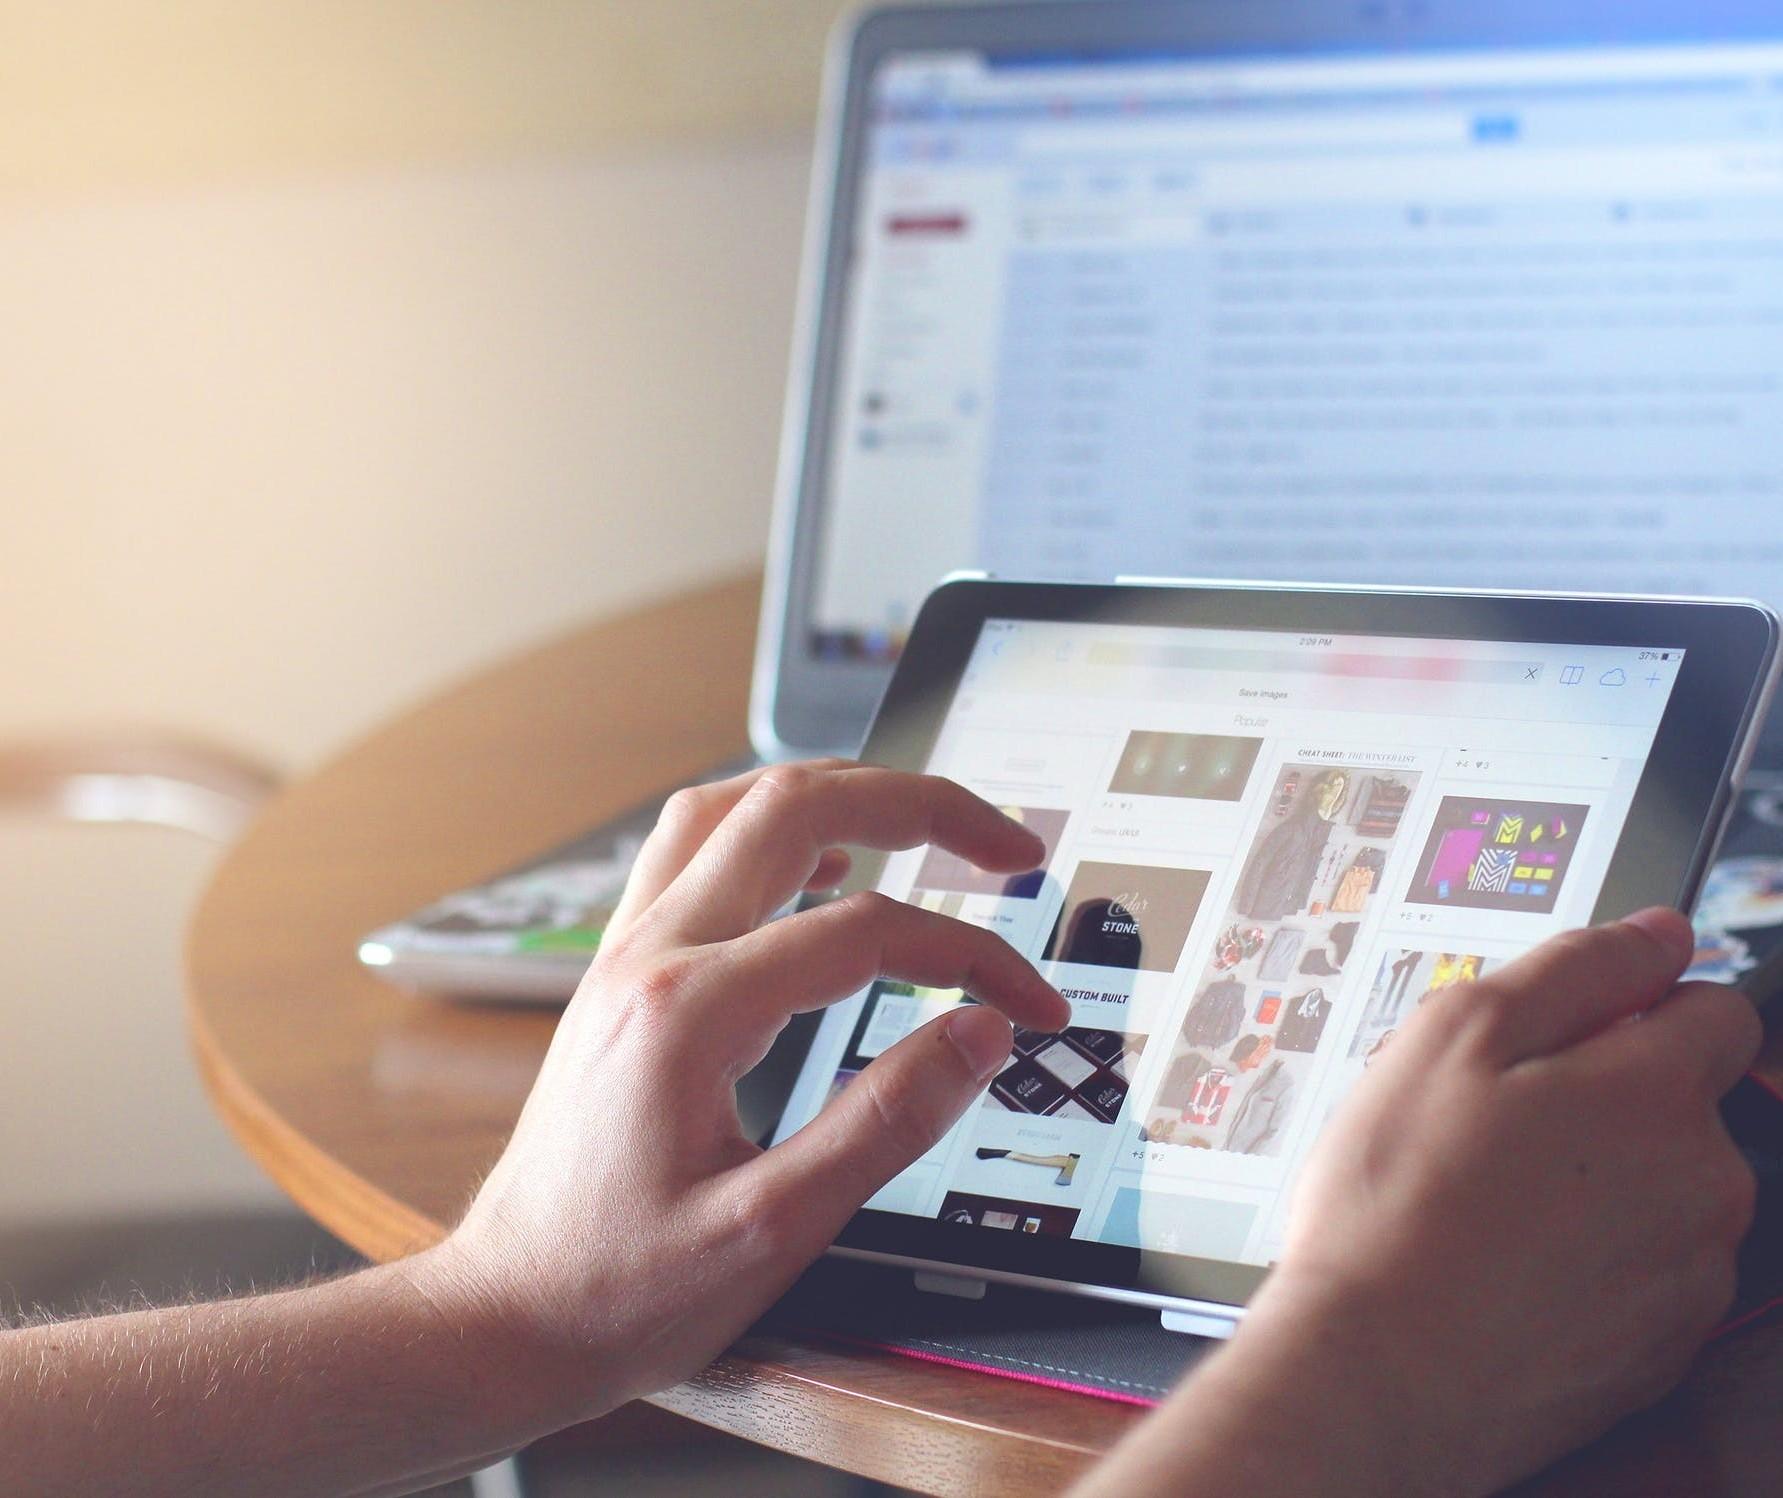 E-commerce cresce 48% no faturamento em relação ao mesmo período de 2019